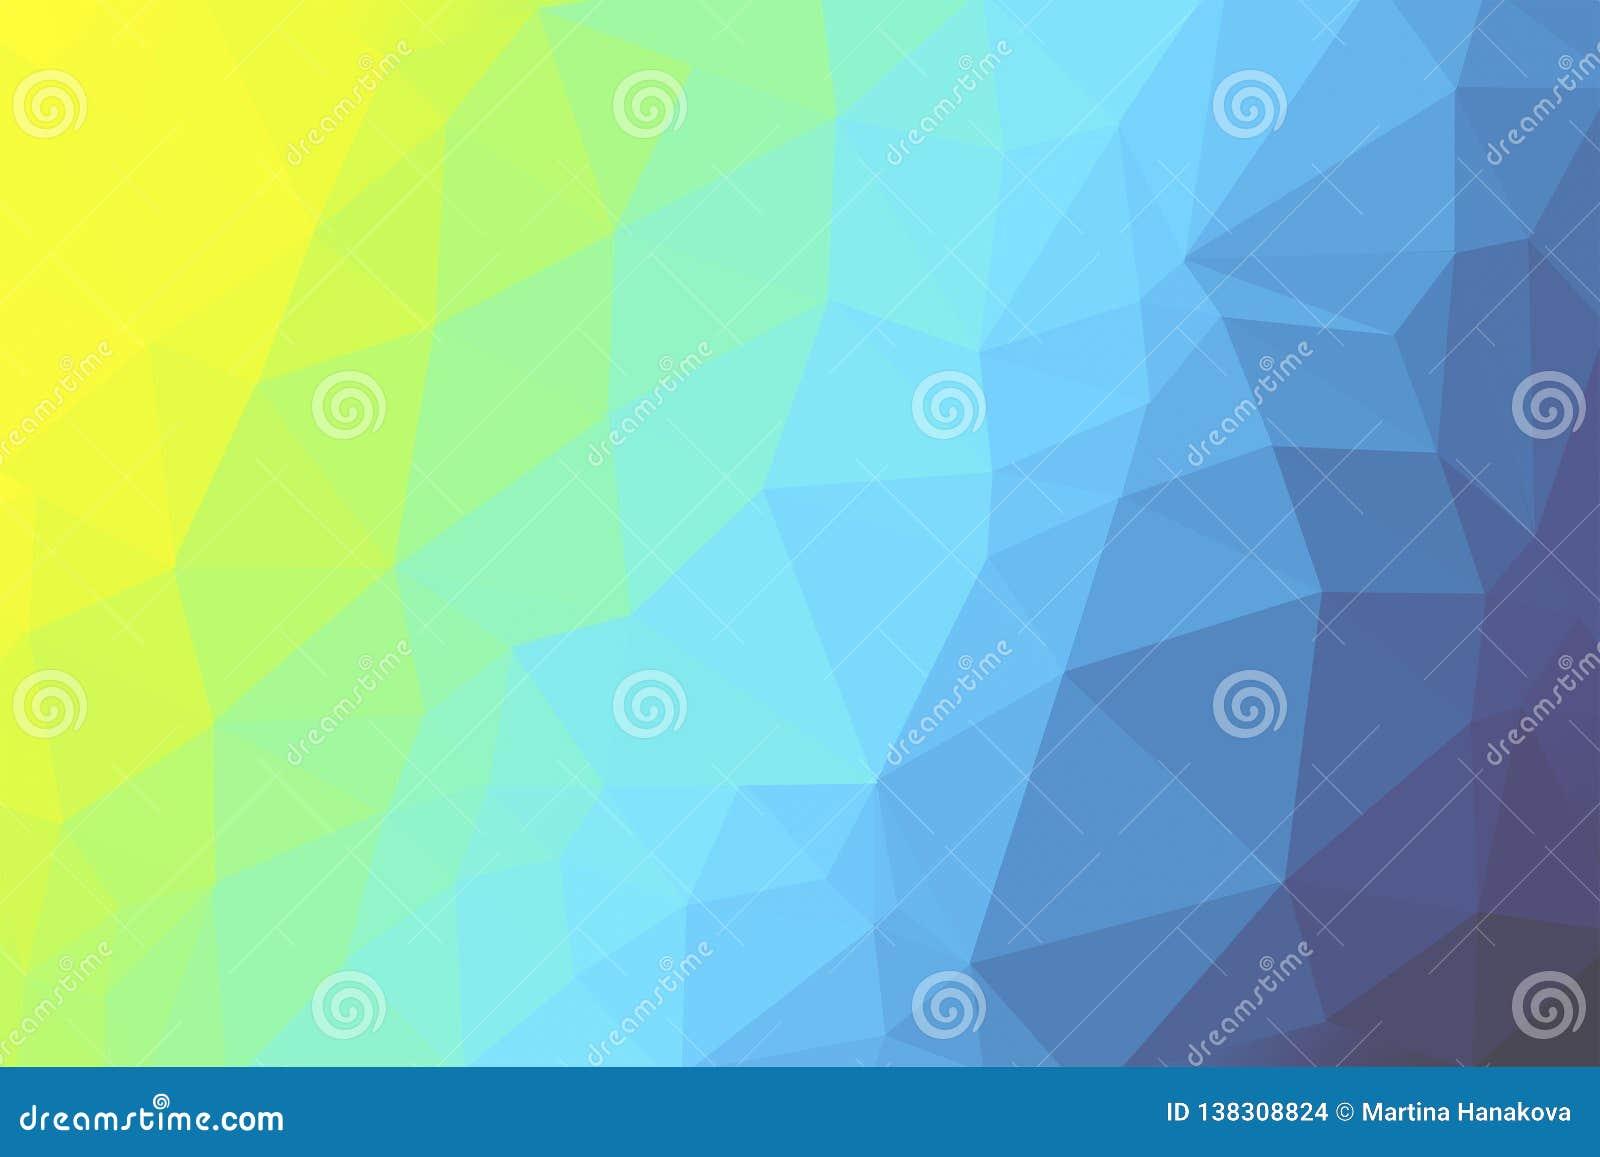 Multi colored triangle background - illustration